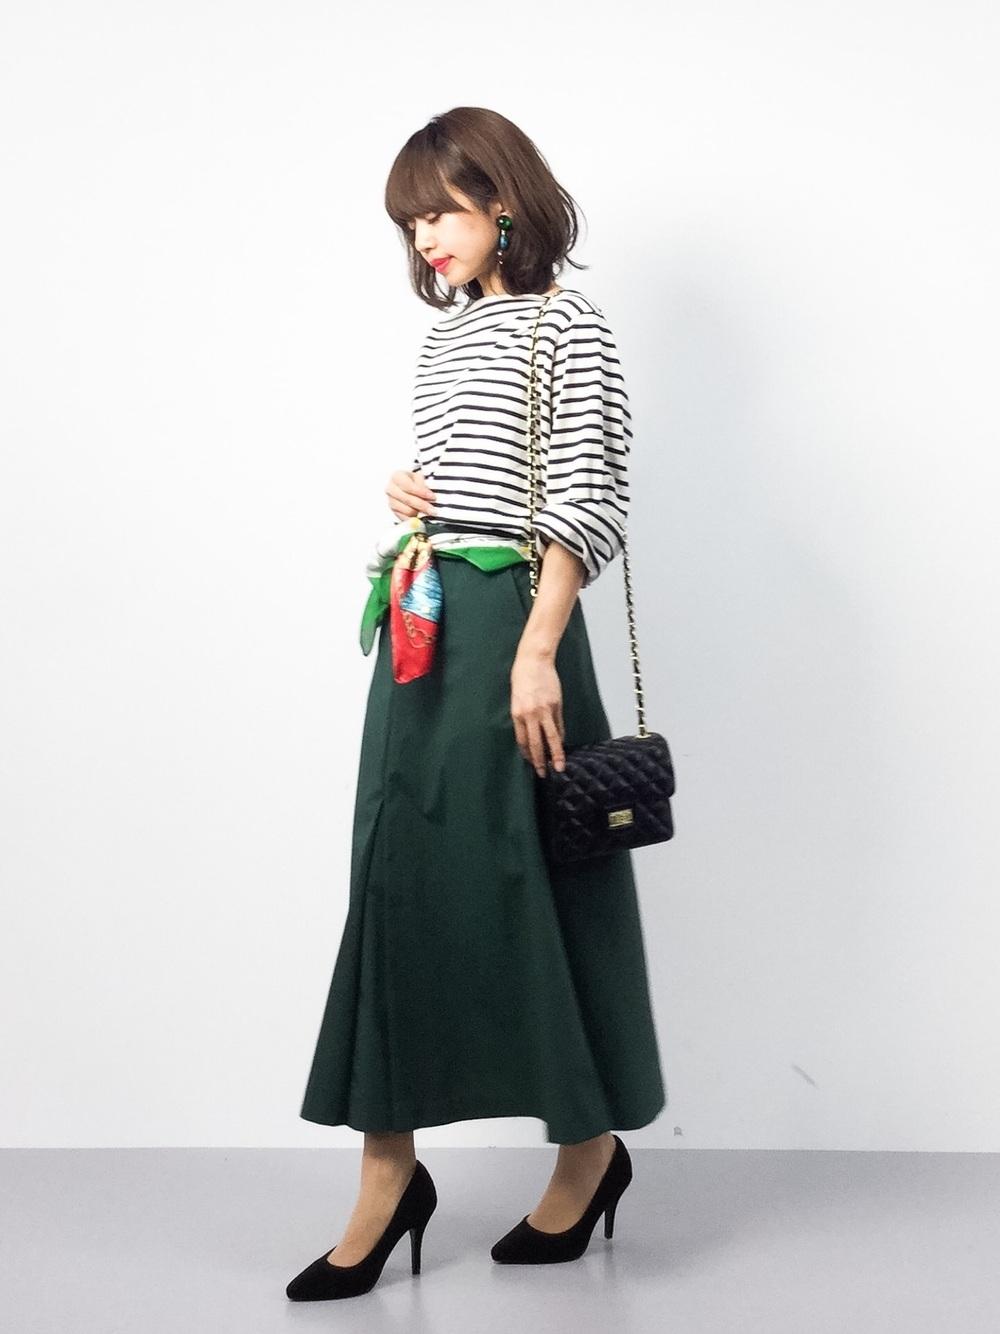 緑のフレアスカートにボーダートップスをきてウエストにスカーフを巻いて下をむいている女性